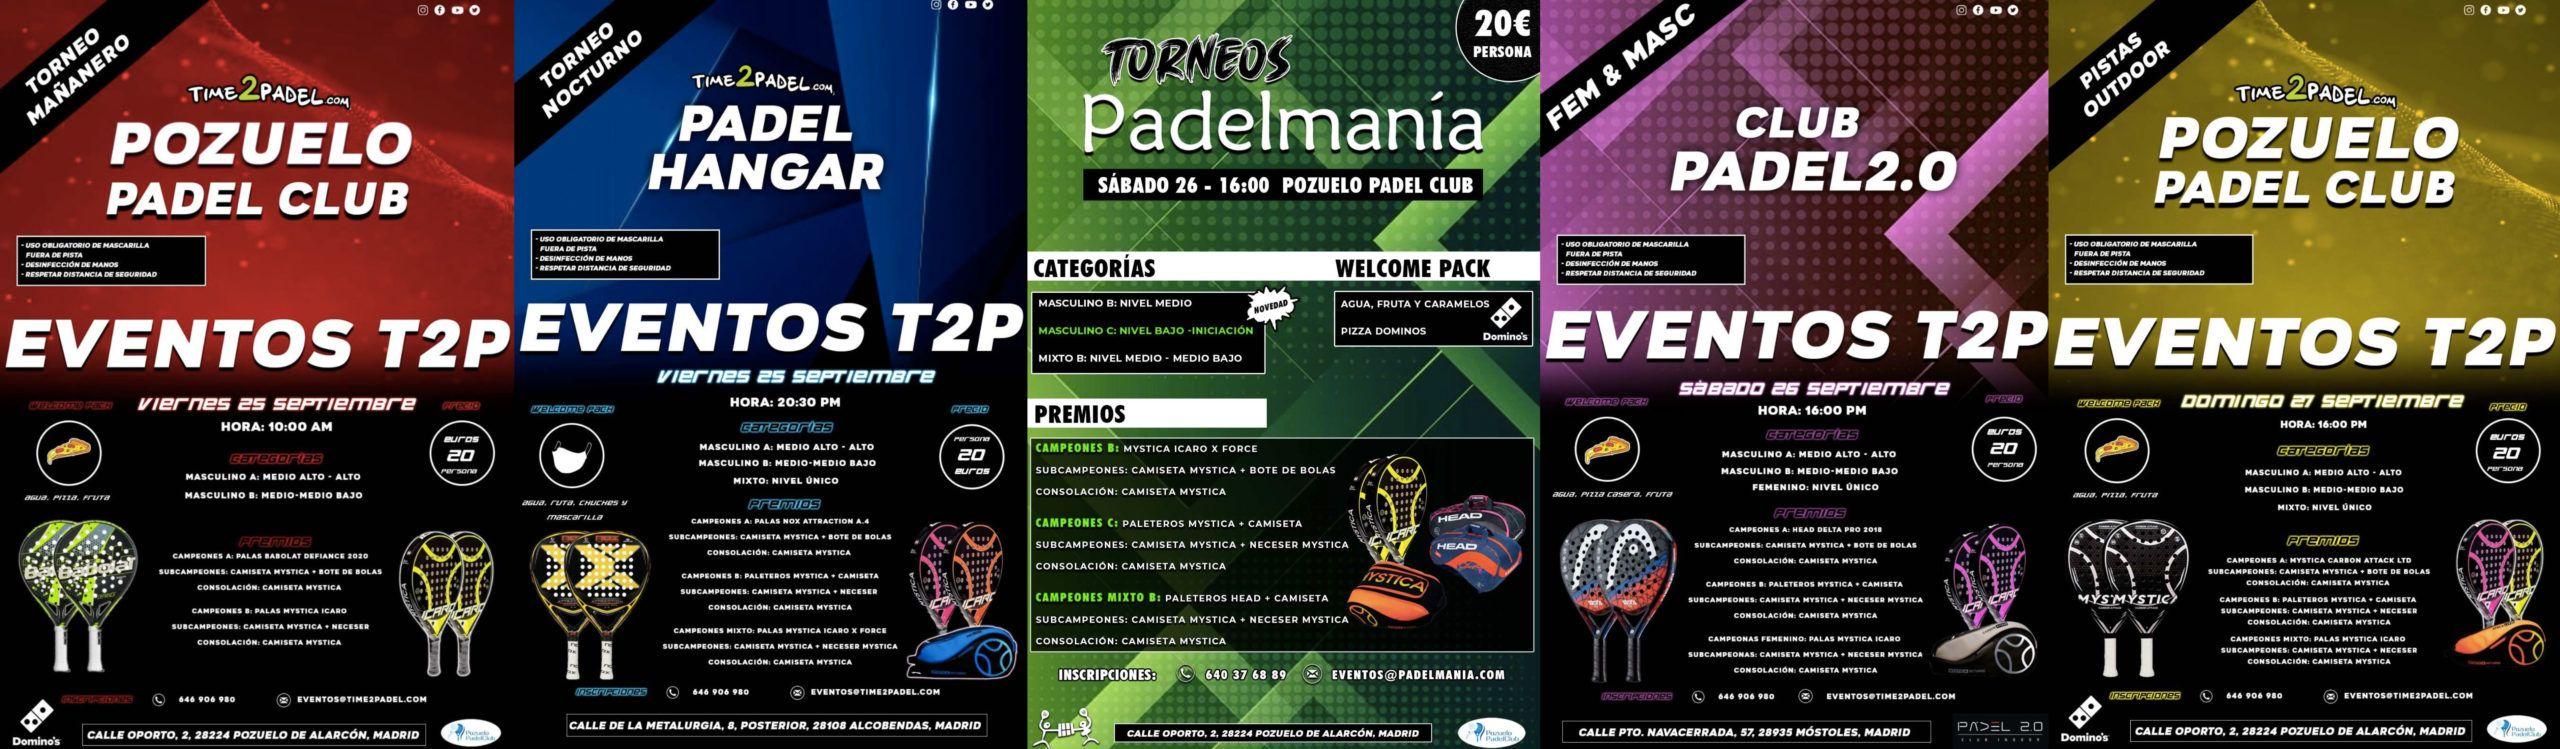 La oferta de Torneos T2P y Torneos Padelmanía.